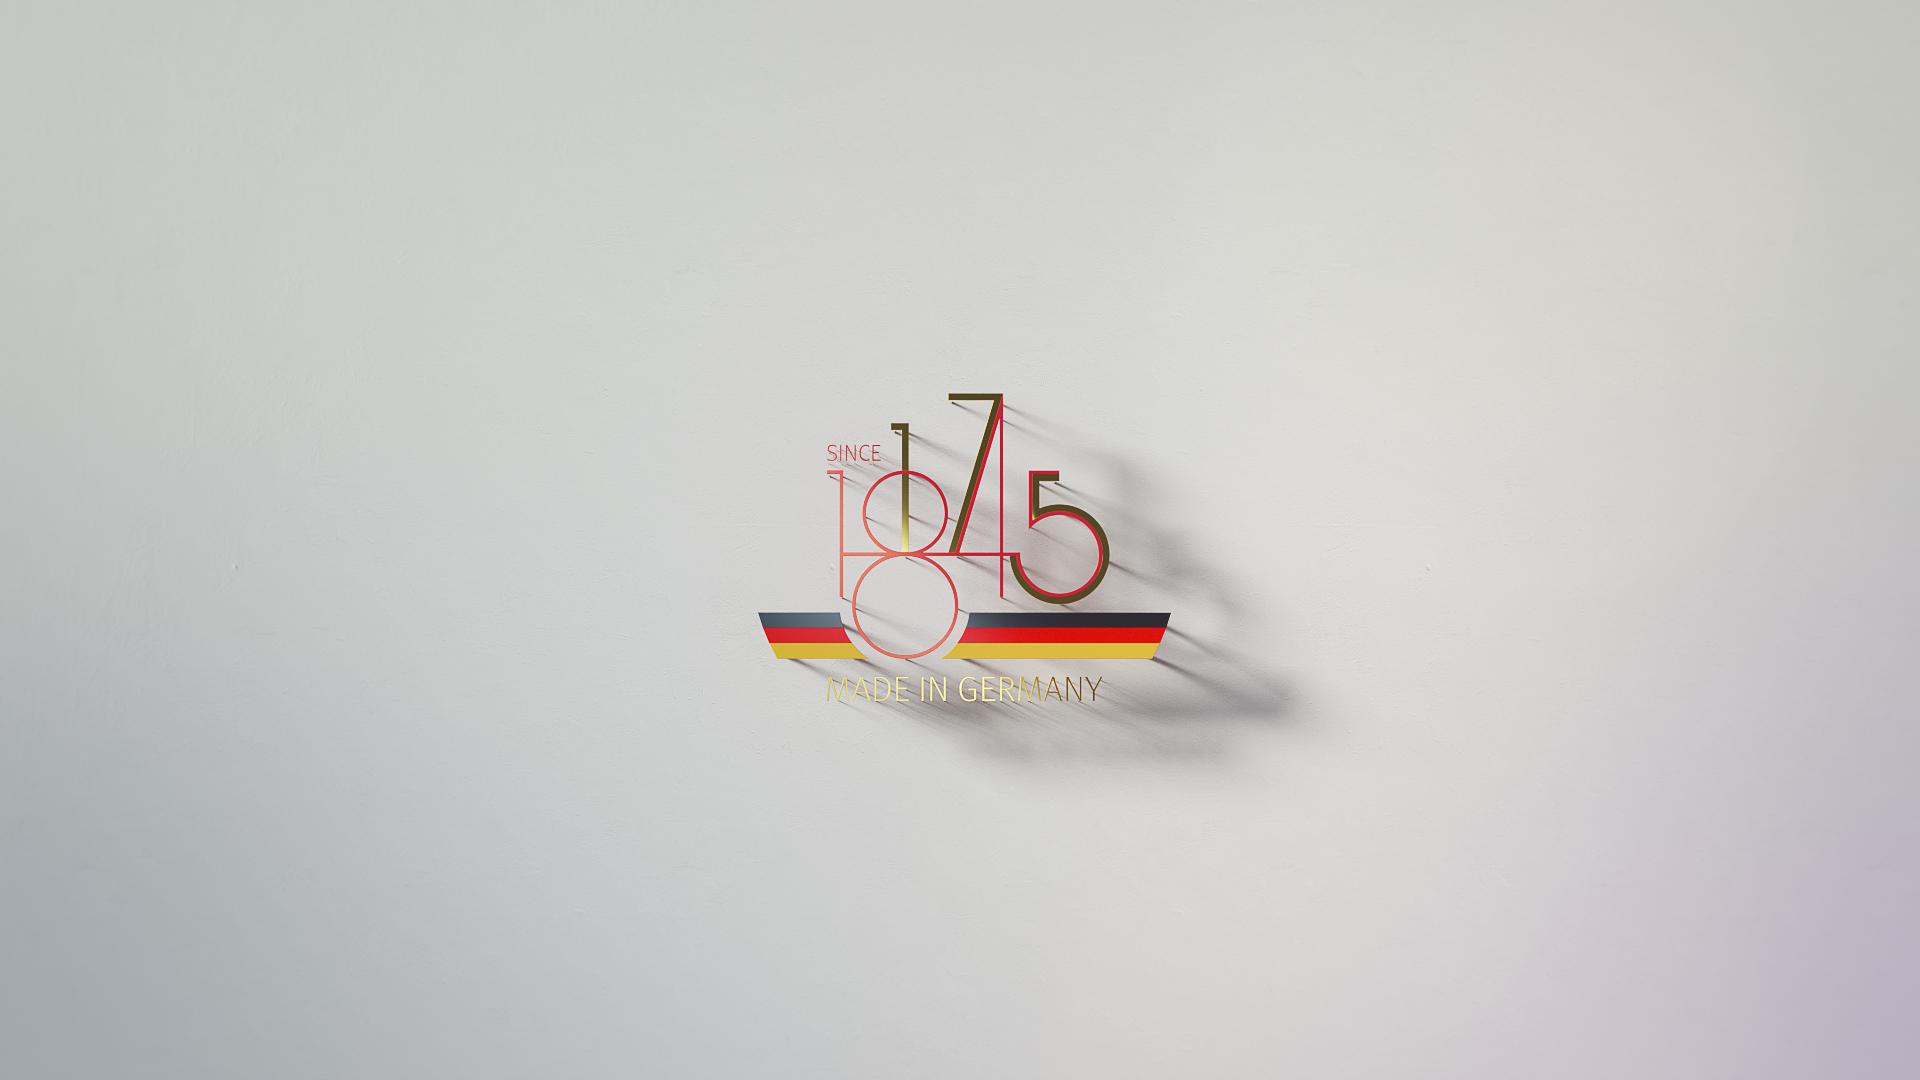 200122_휘슬러_SEQ render (0-01-04-02).png